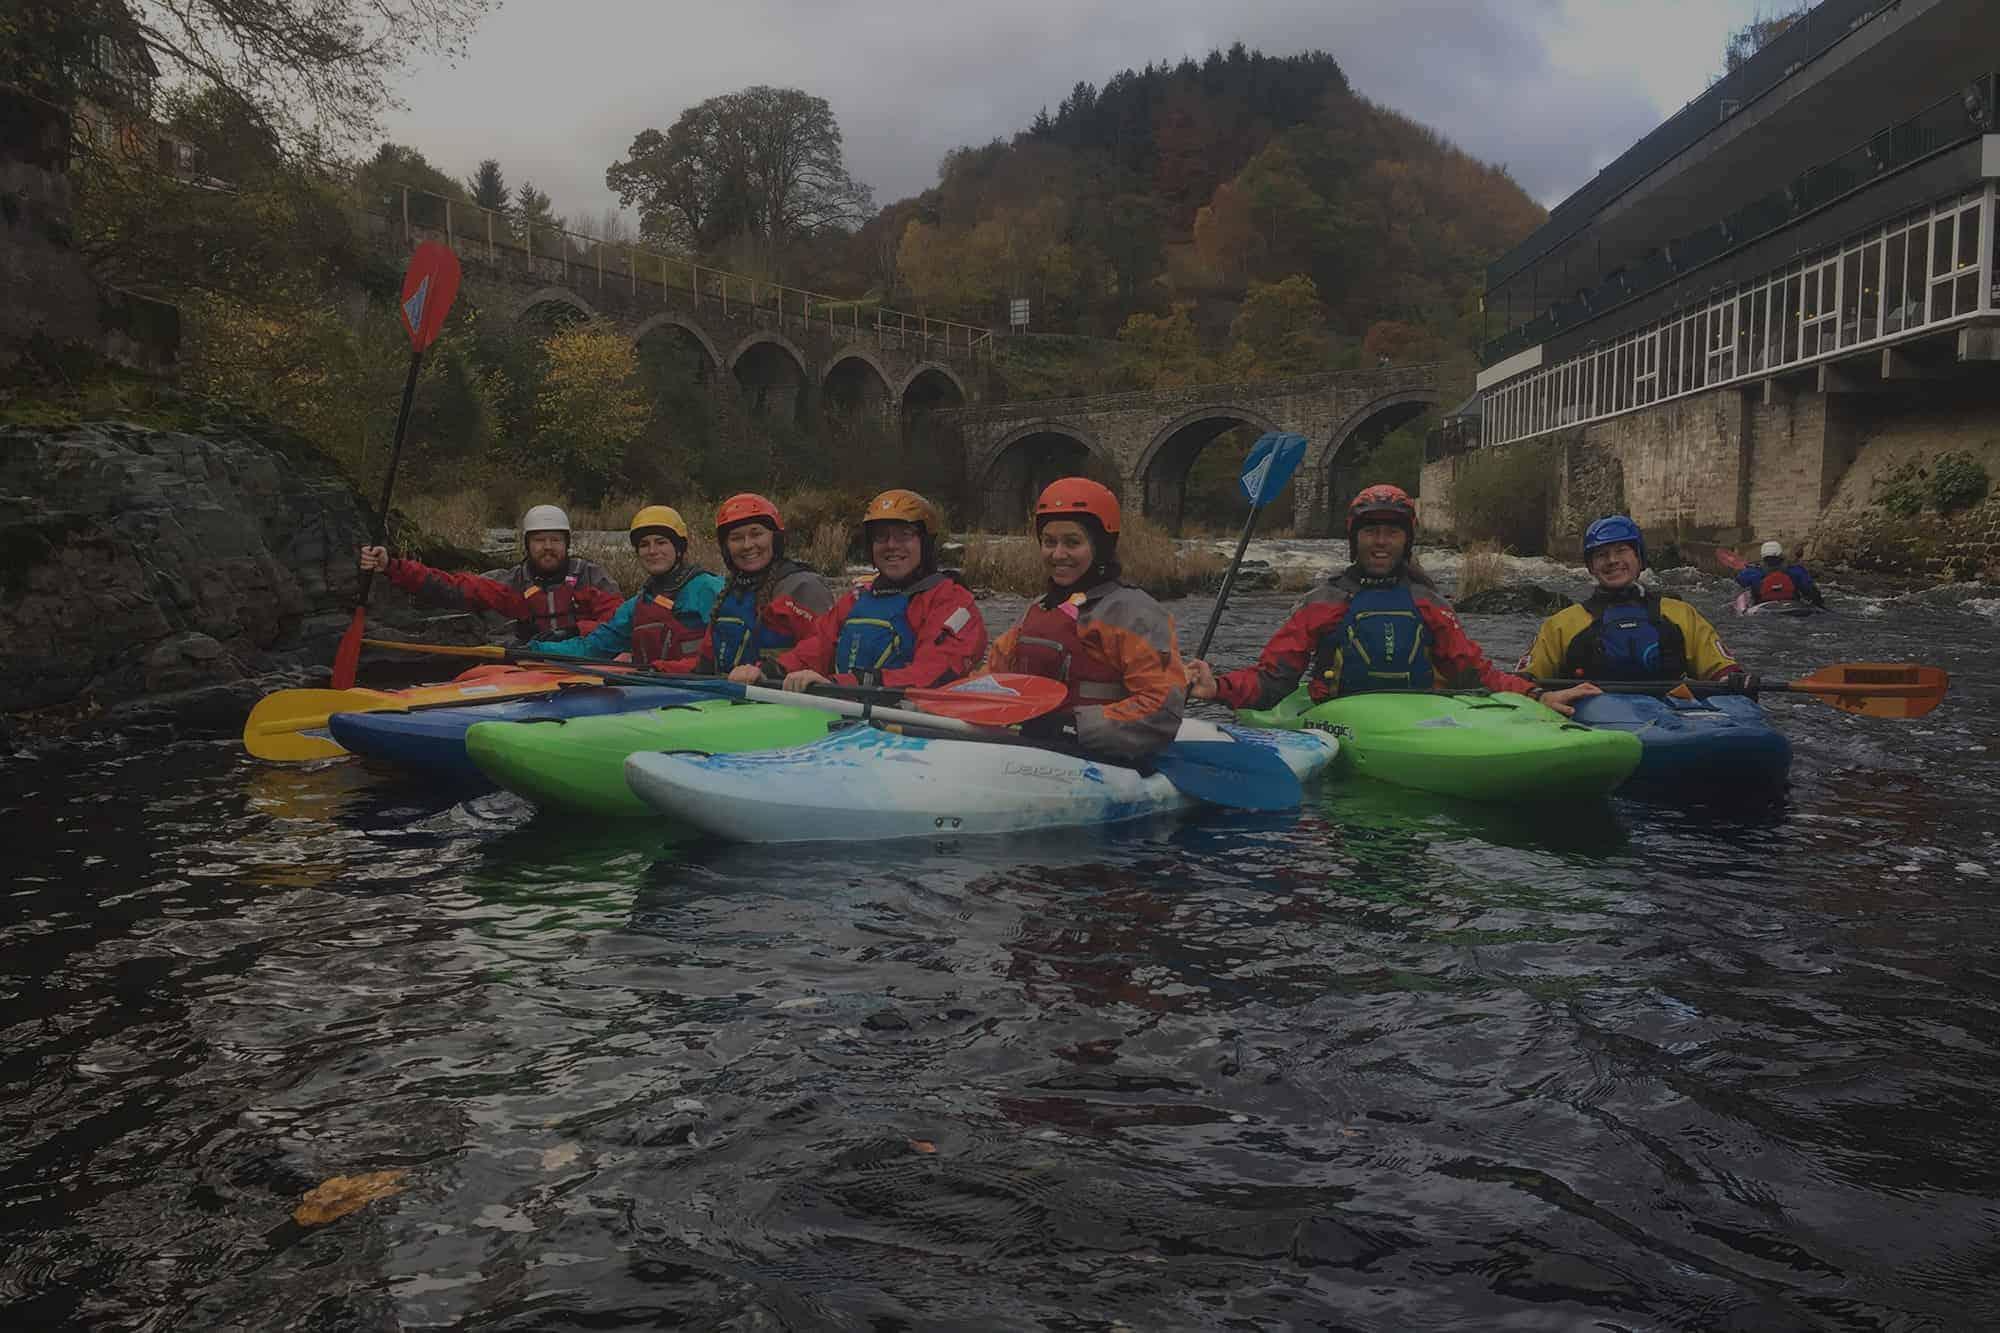 team kayaking in Wales